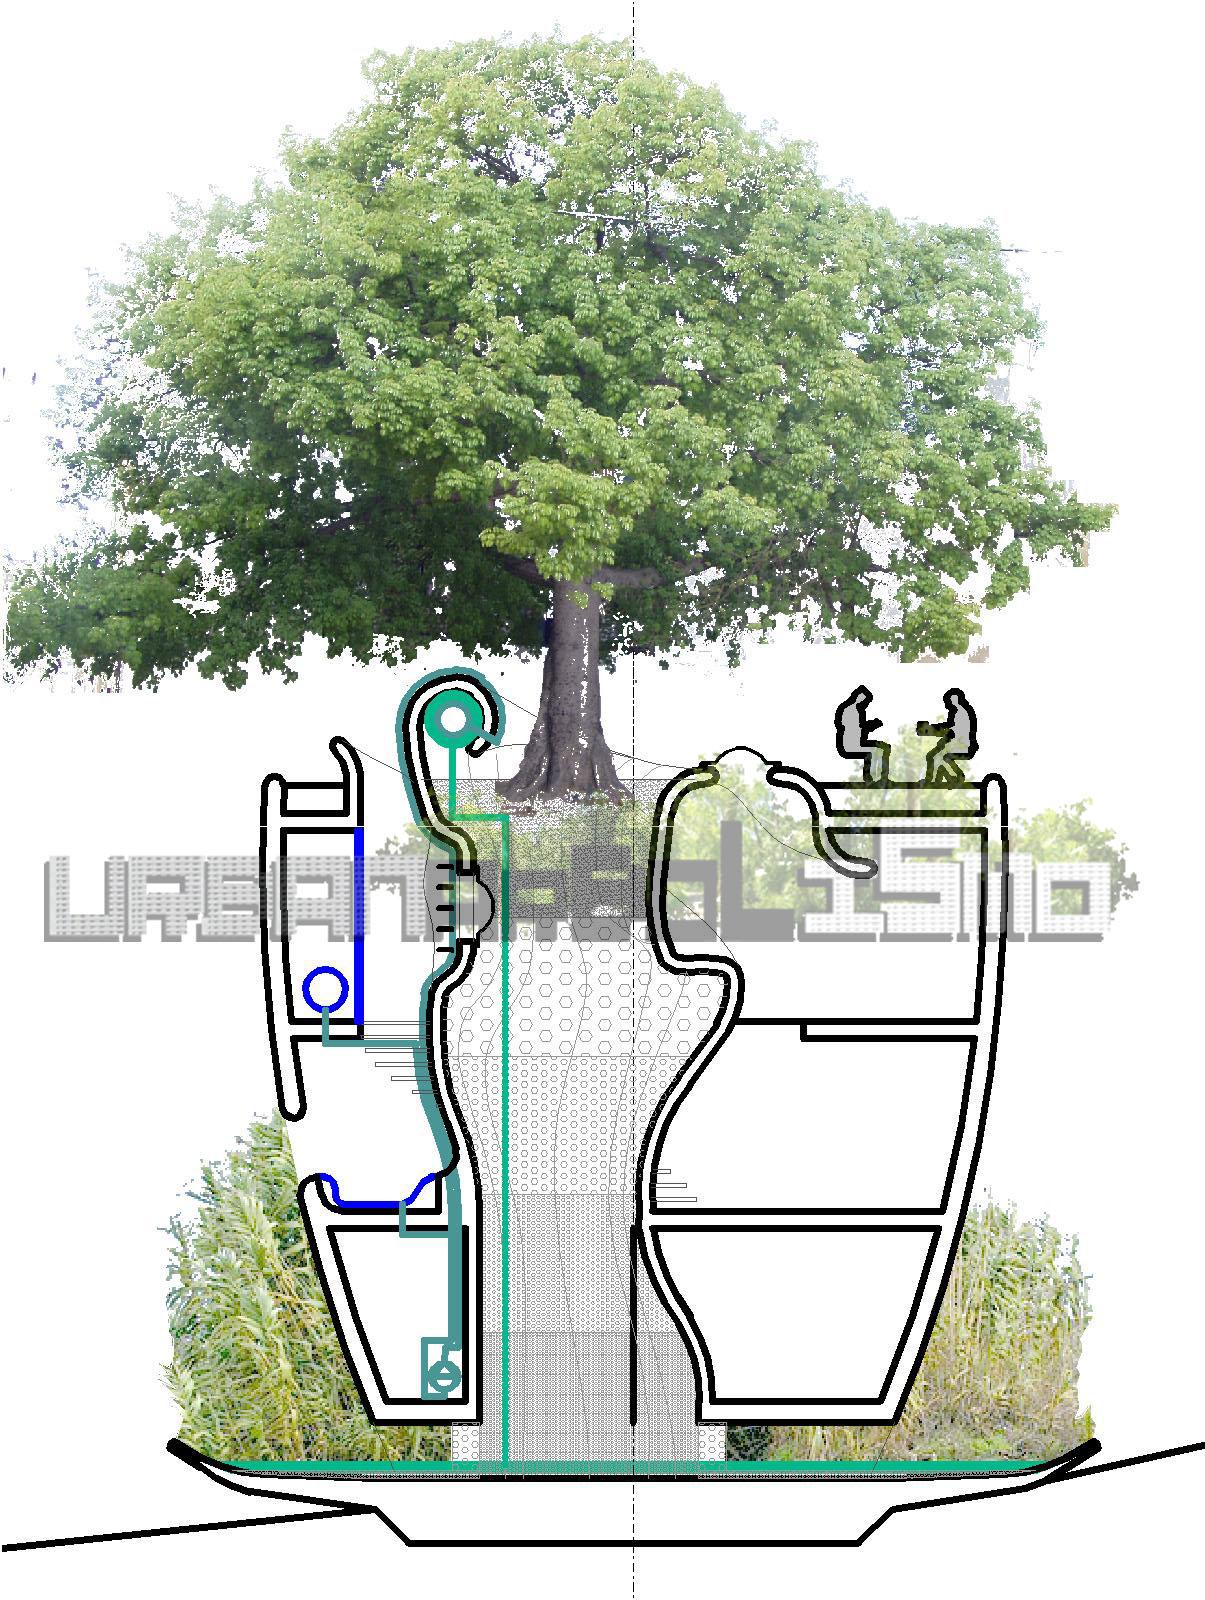 Vivienda depuradora versi n 1 0 urbanarbolismo for Arquitectura verde pdf